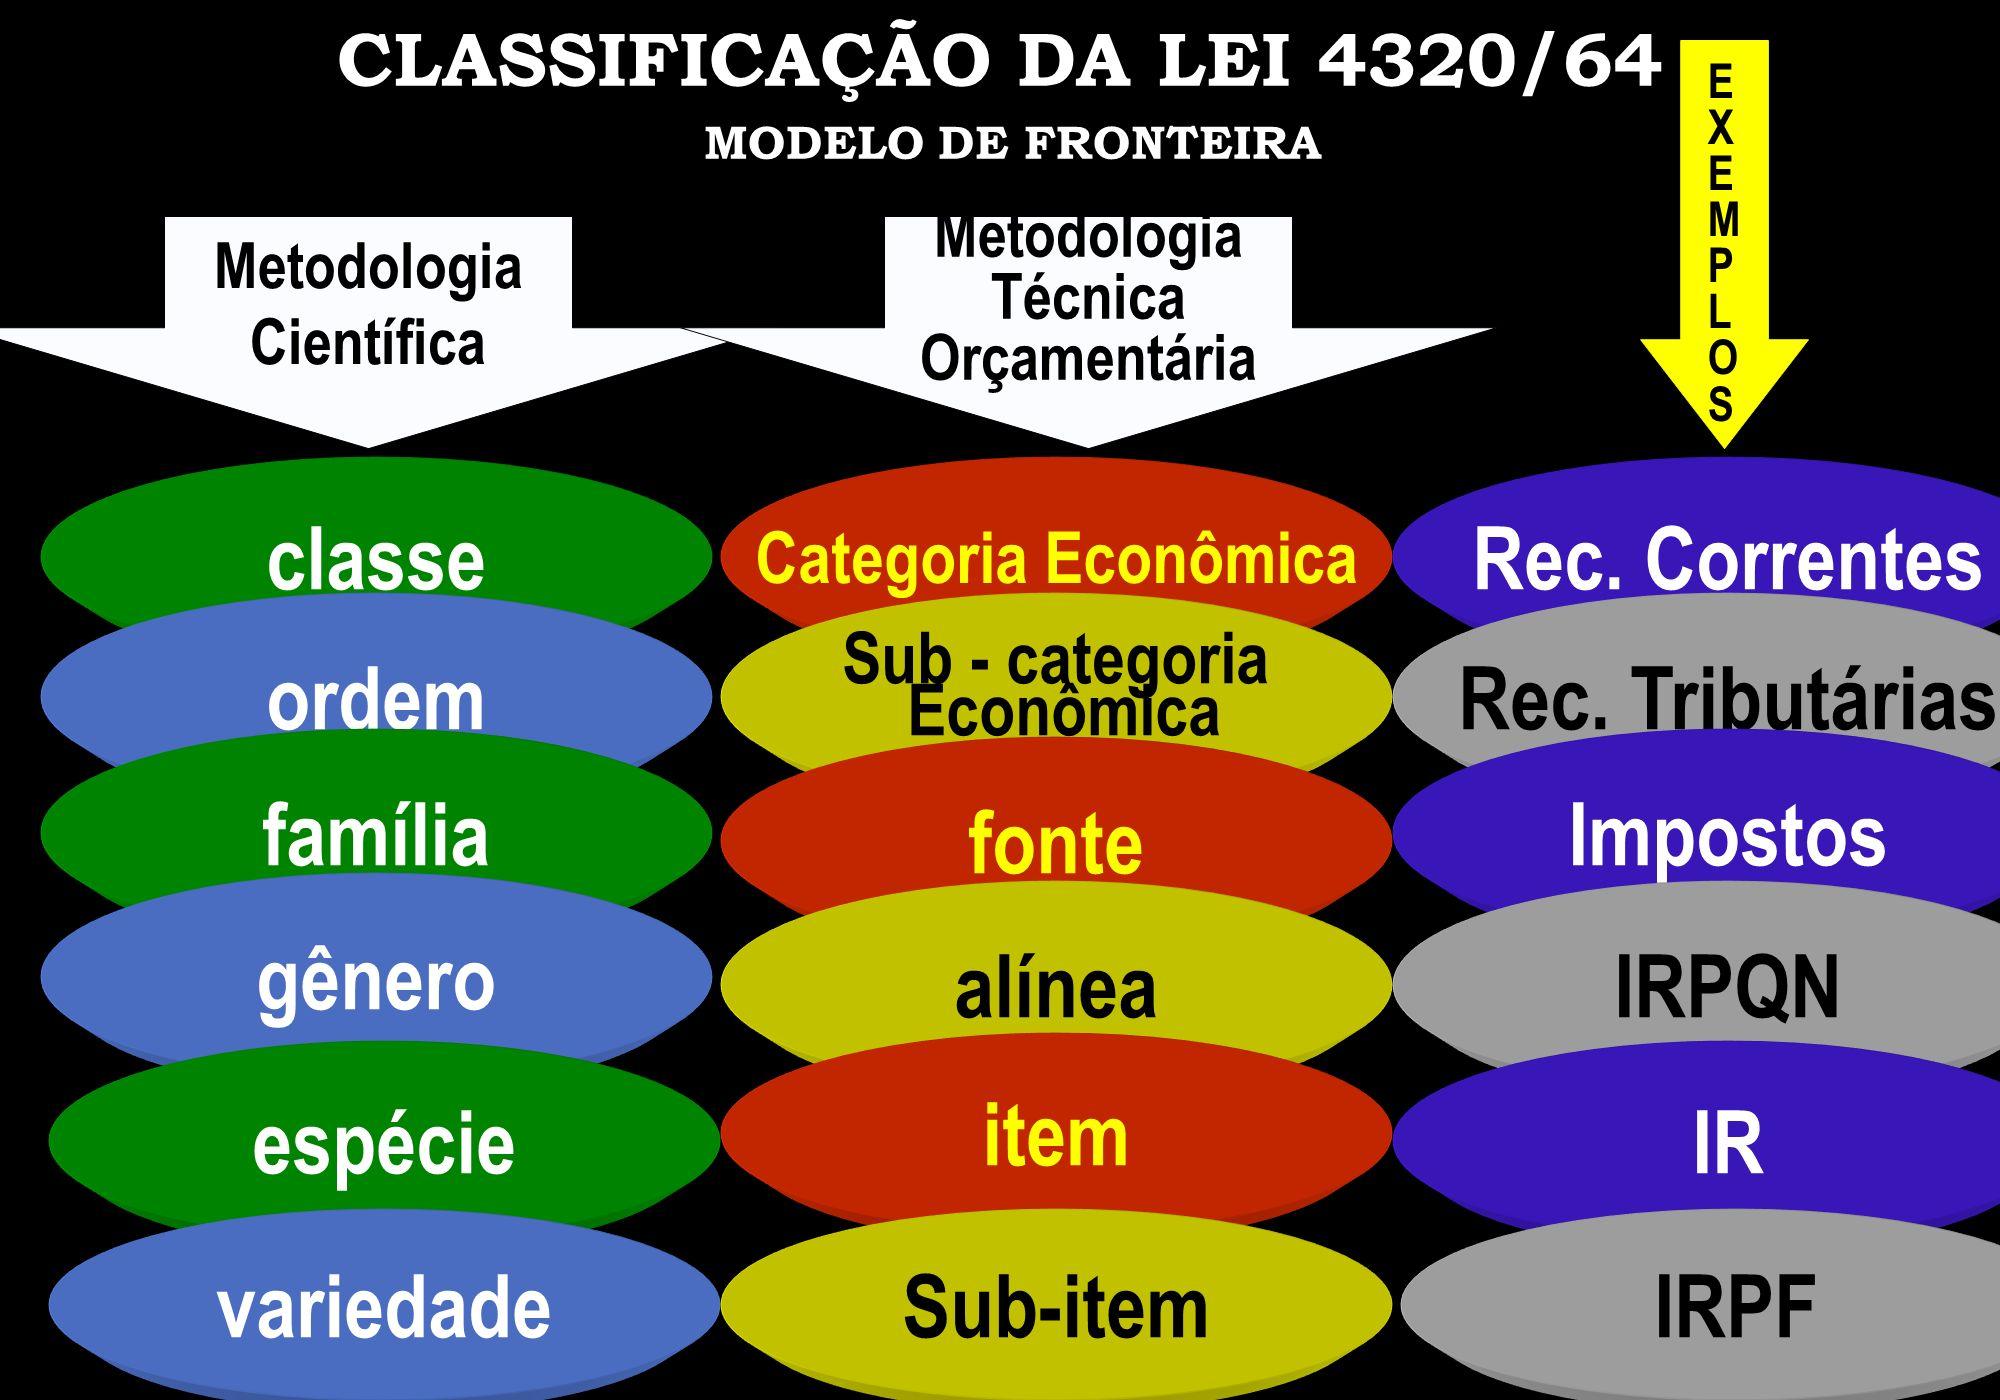 CLASSIFICAÇÃO DAS RECEITAS PÚBLICAS COMPOSIÇÃO DE ALGUMAS FONTES CLASSIFICAÇÃO DAS RECEITAS PÚBLICAS COMPOSIÇÃO DE ALGUMAS FONTES FONTE 00 RECURSOS ORDINÁRIOS DO TESOURO OV ) (MDE + TEM) (IMPOSTOS - + DRU -